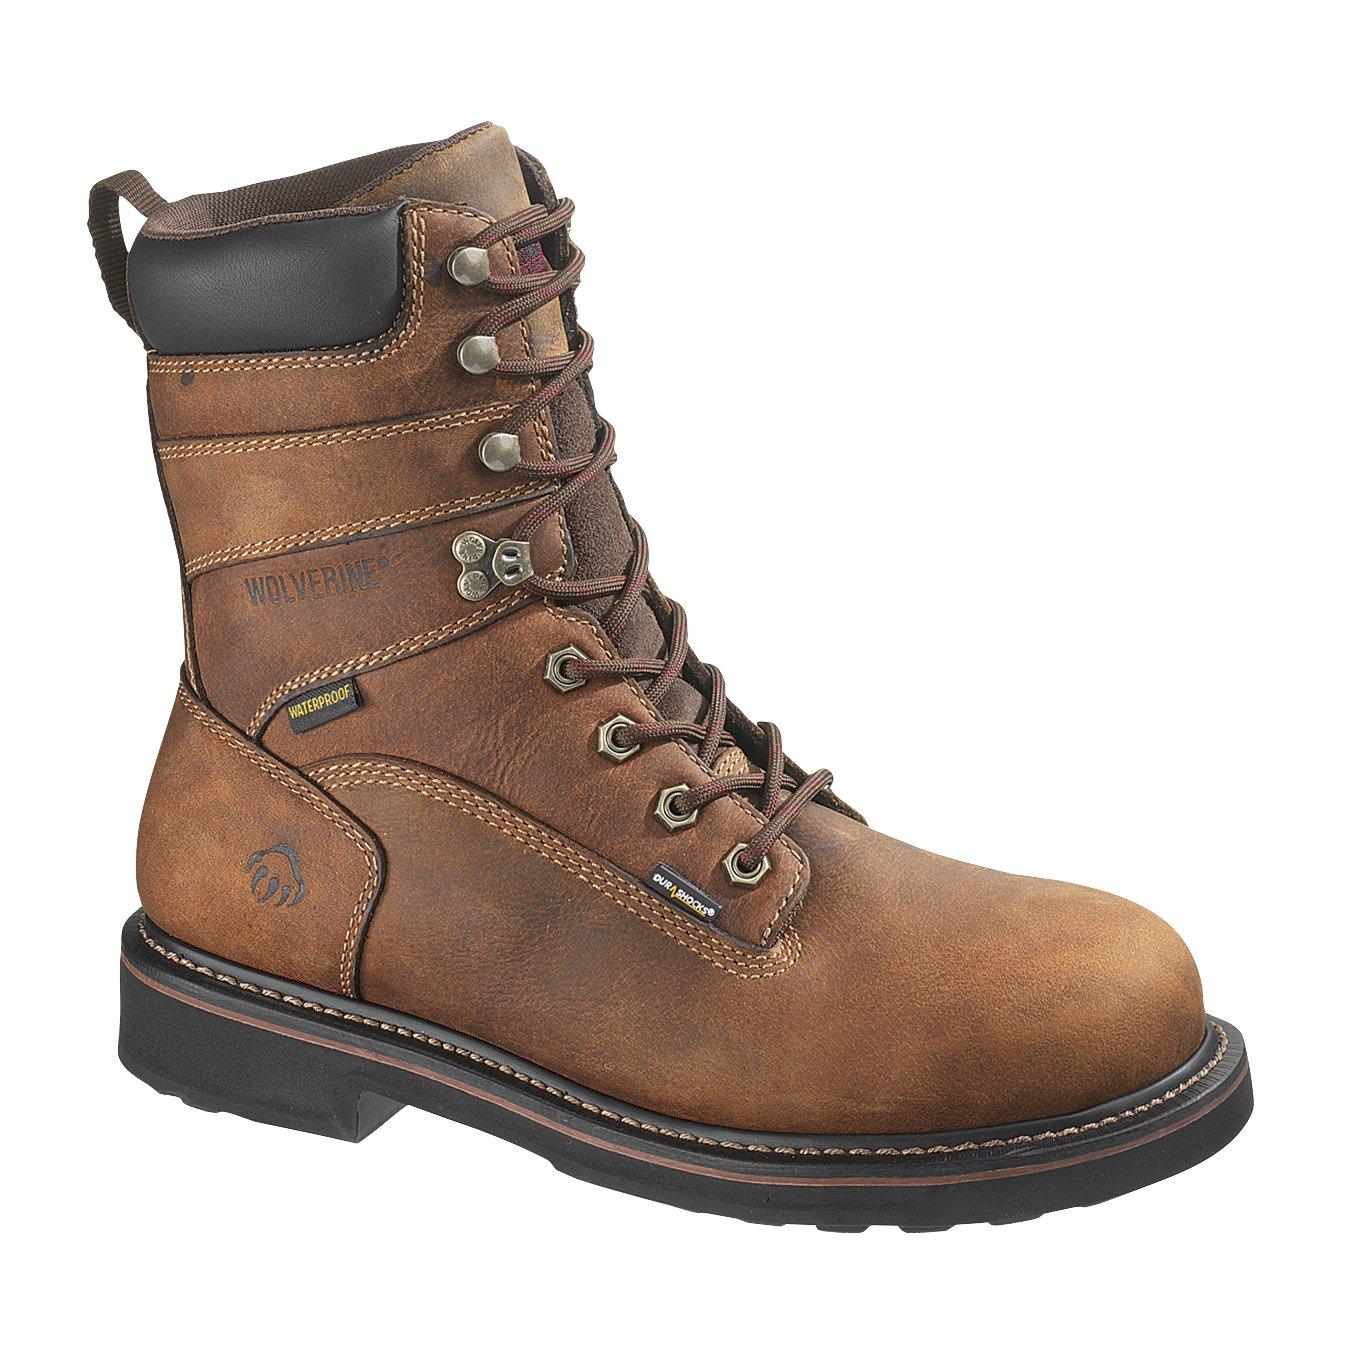 Wolverine Men's Brek DuraShocks® Work Boots